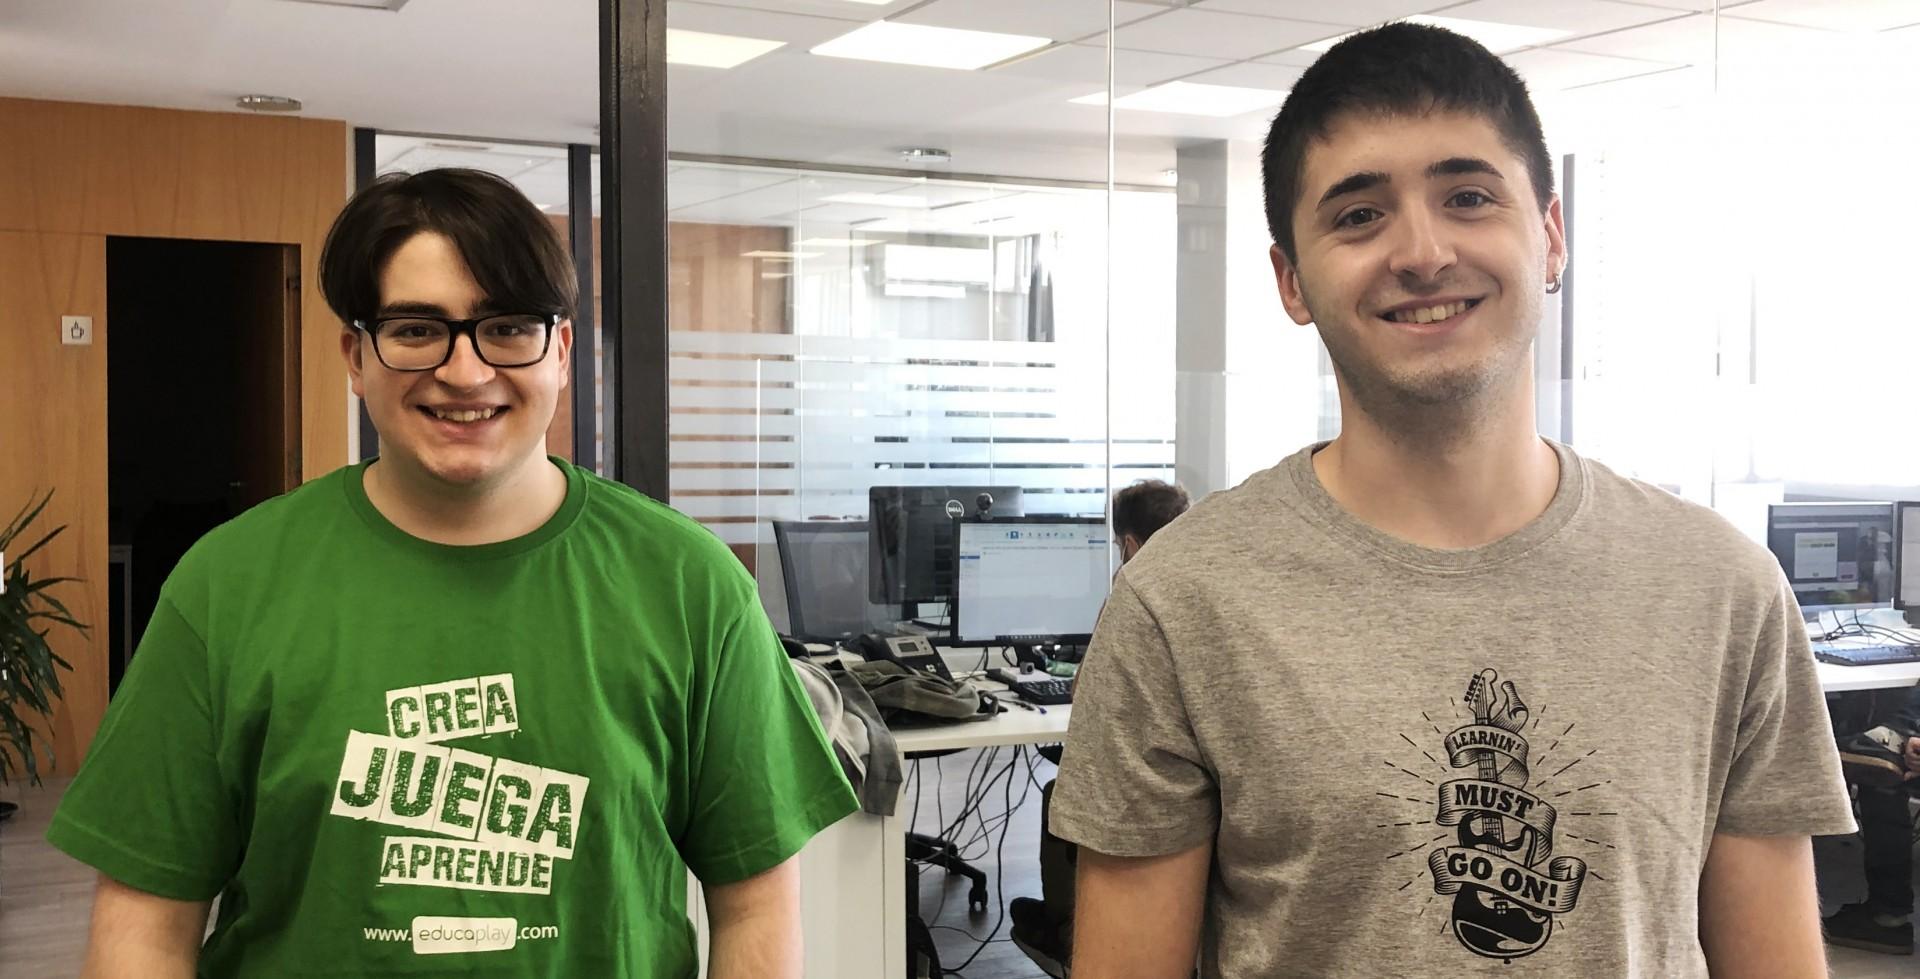 Los alumnos de Grado en Informática por la Universidad de La Rioja Iker Jadraque y Ricardo Calle realizan sus prácticas en ADR Formación y Educaplay.